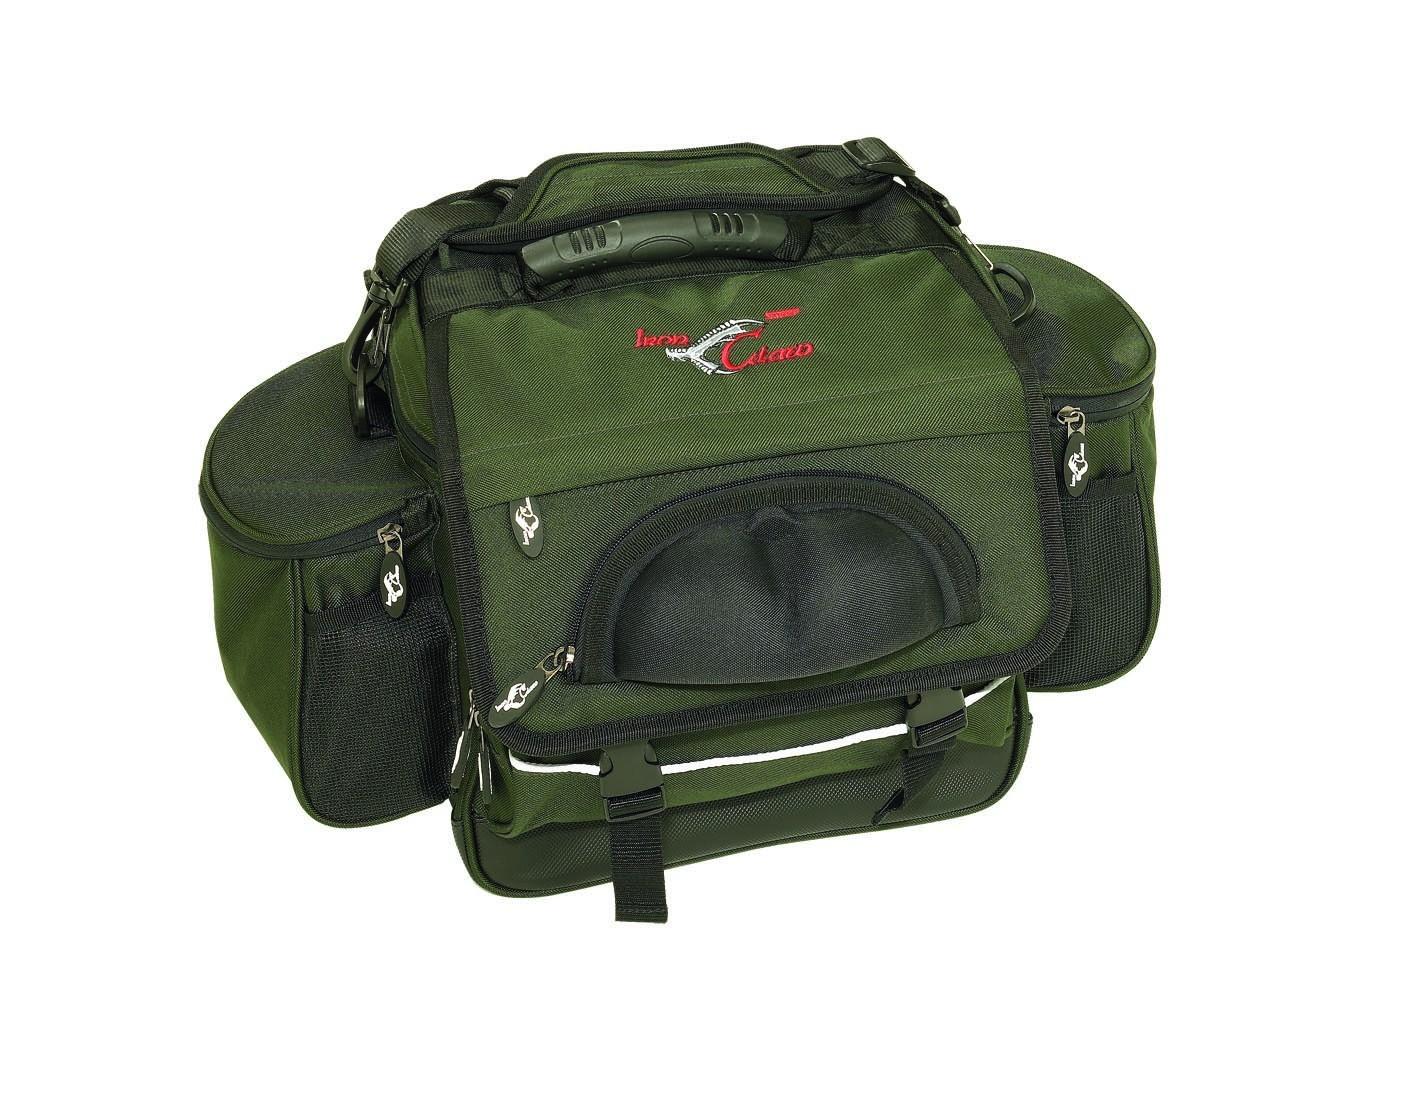 iron-claw-easy-gear-bag-5-boxen